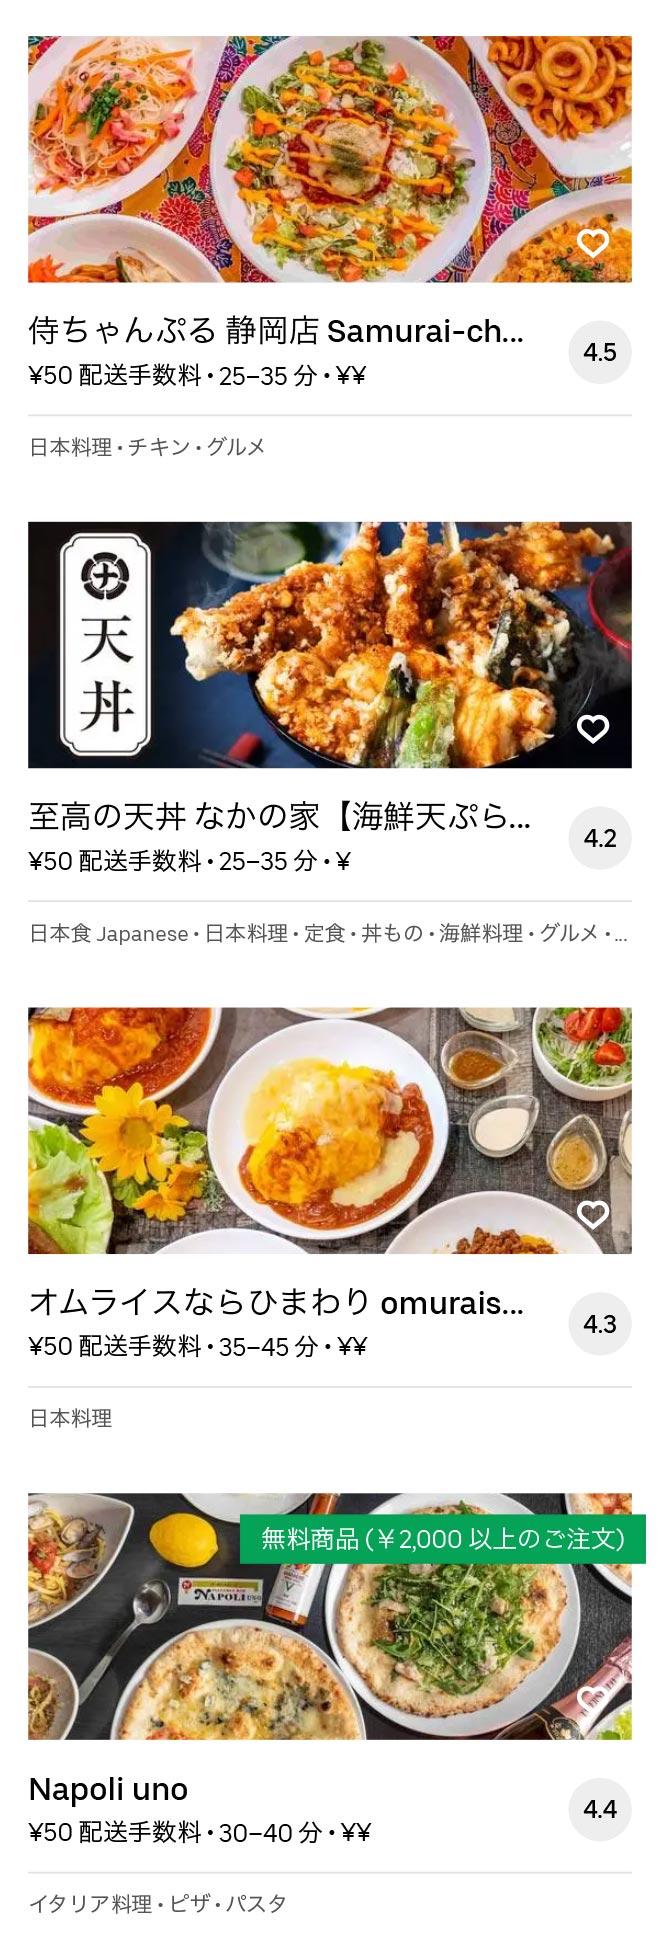 Shizuoka menu 2010 09